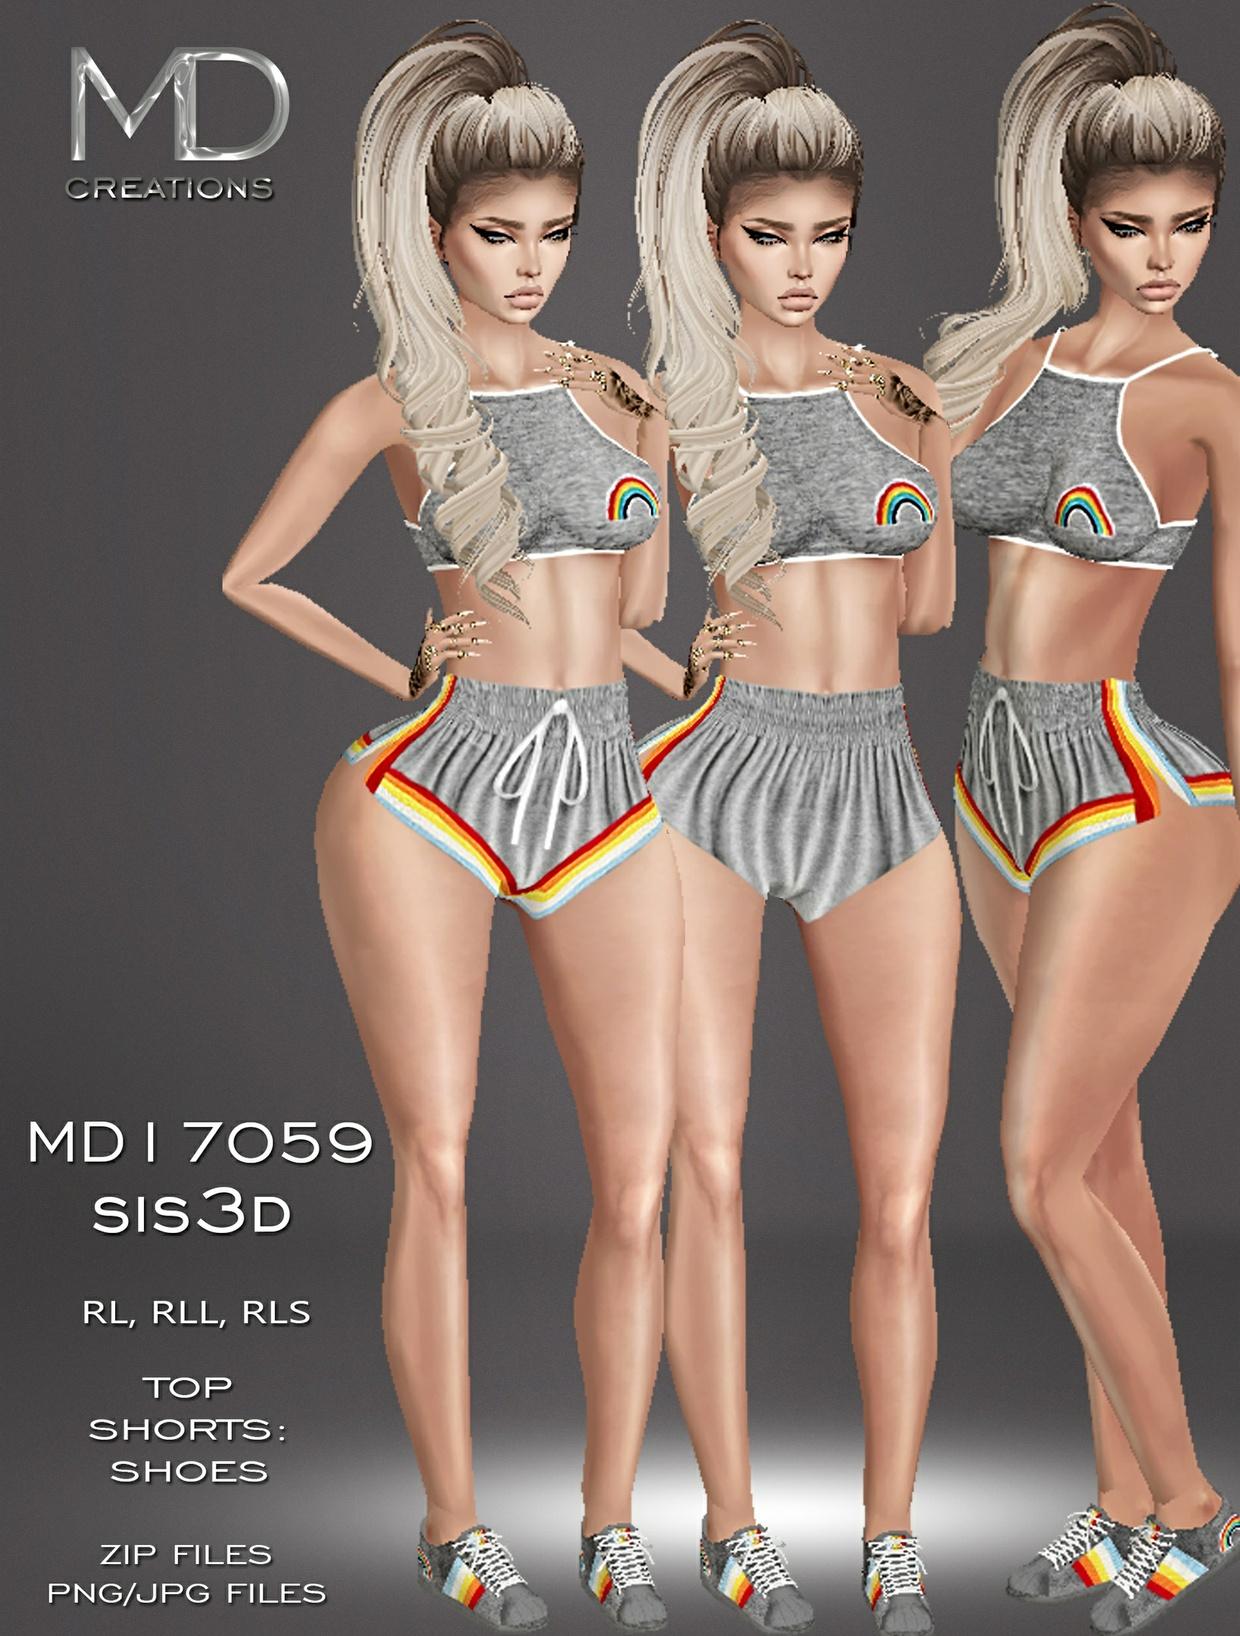 MD17059 - Sis3D